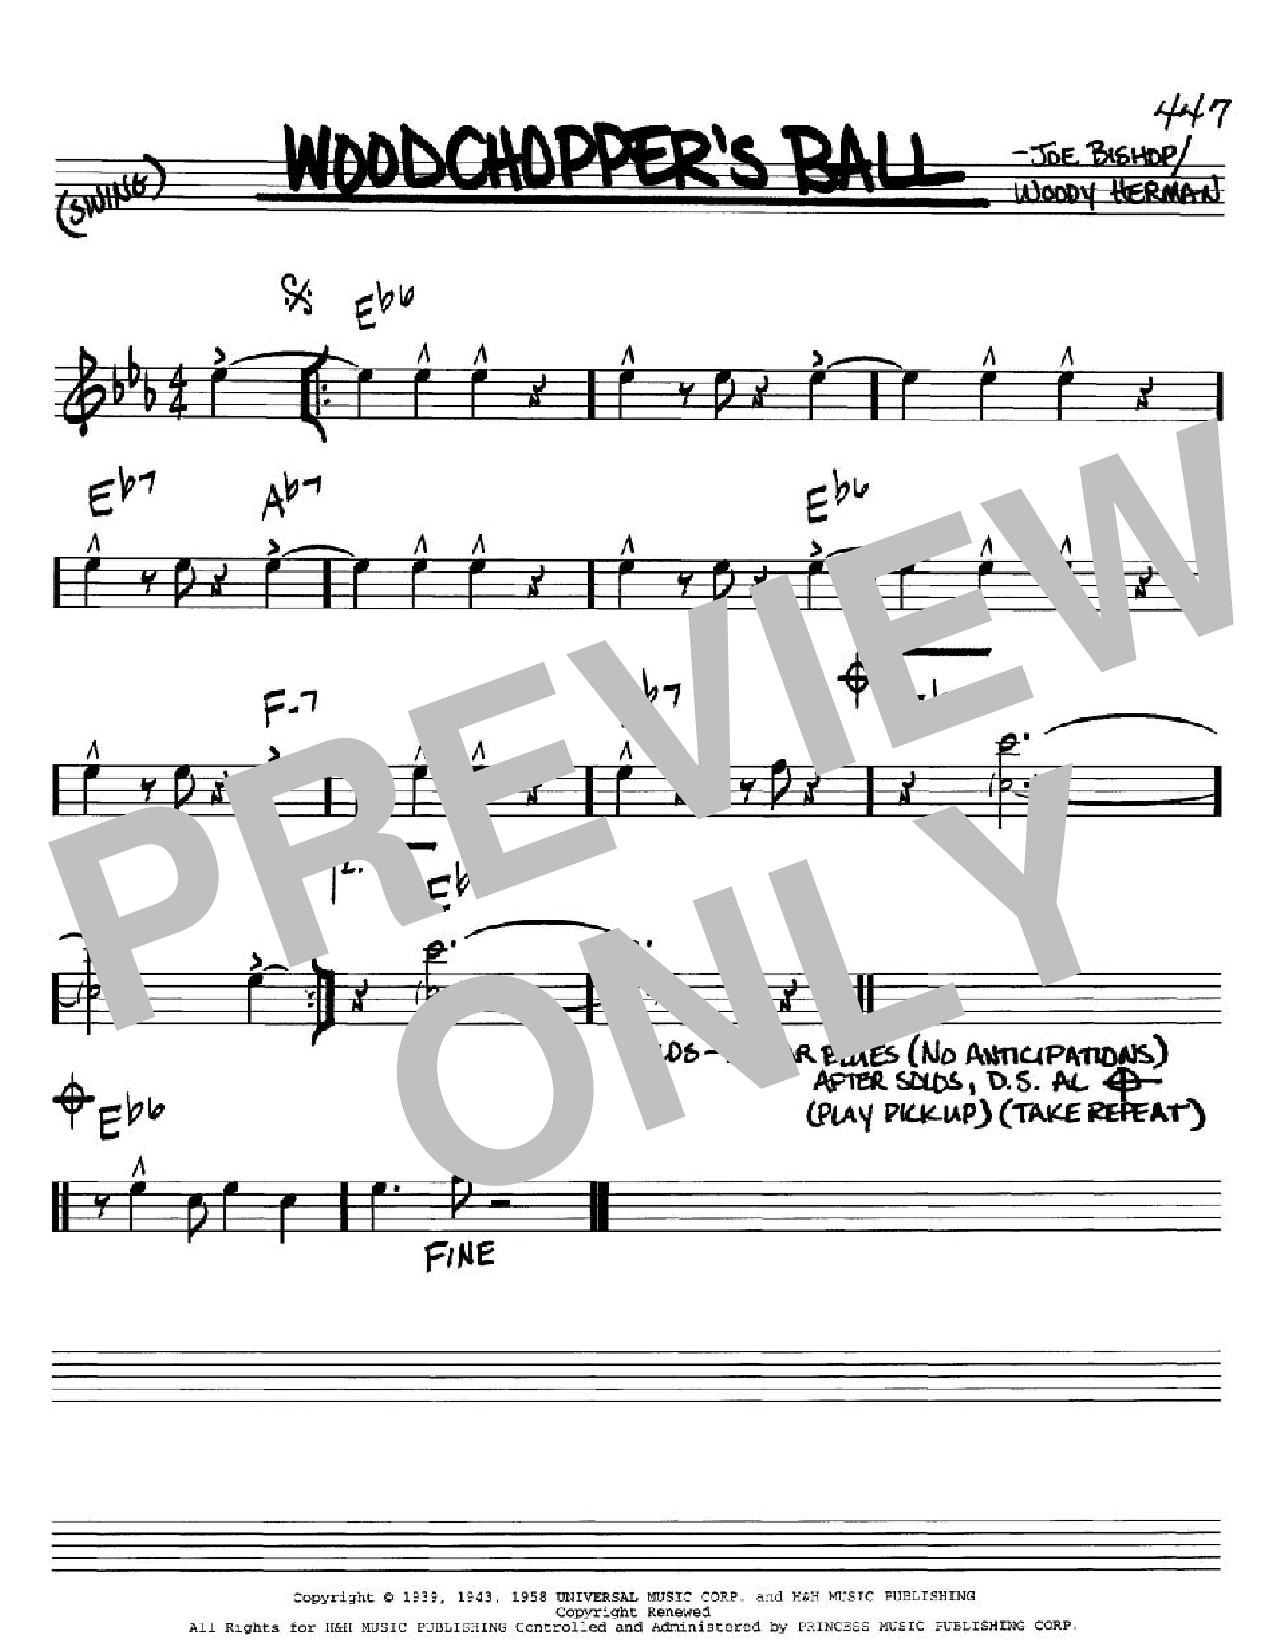 Woodchopper's Ball Sheet Music